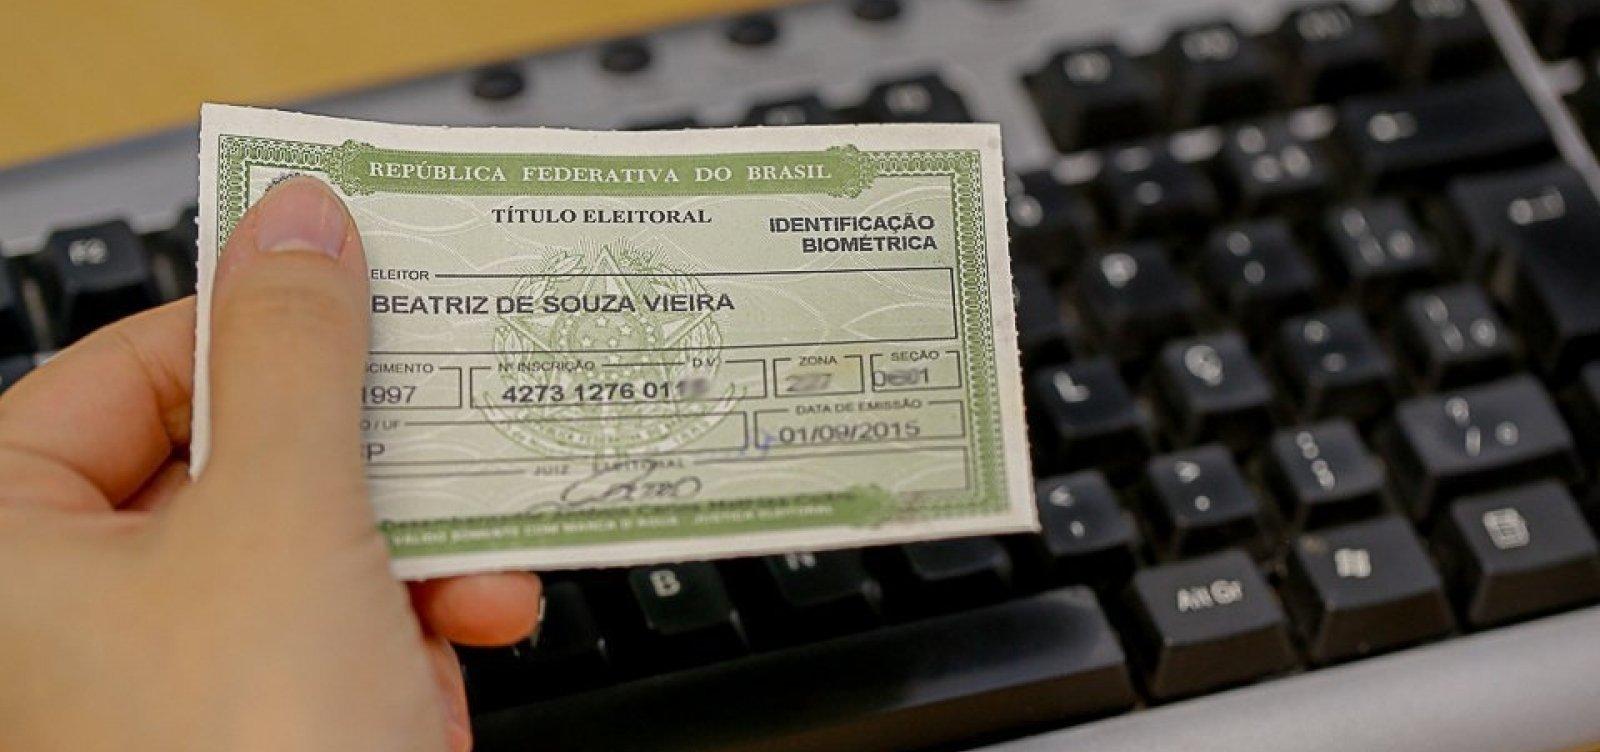 [Unidade móvel do TRE oferece cadastramento biométrico e outros serviços em Salvador]